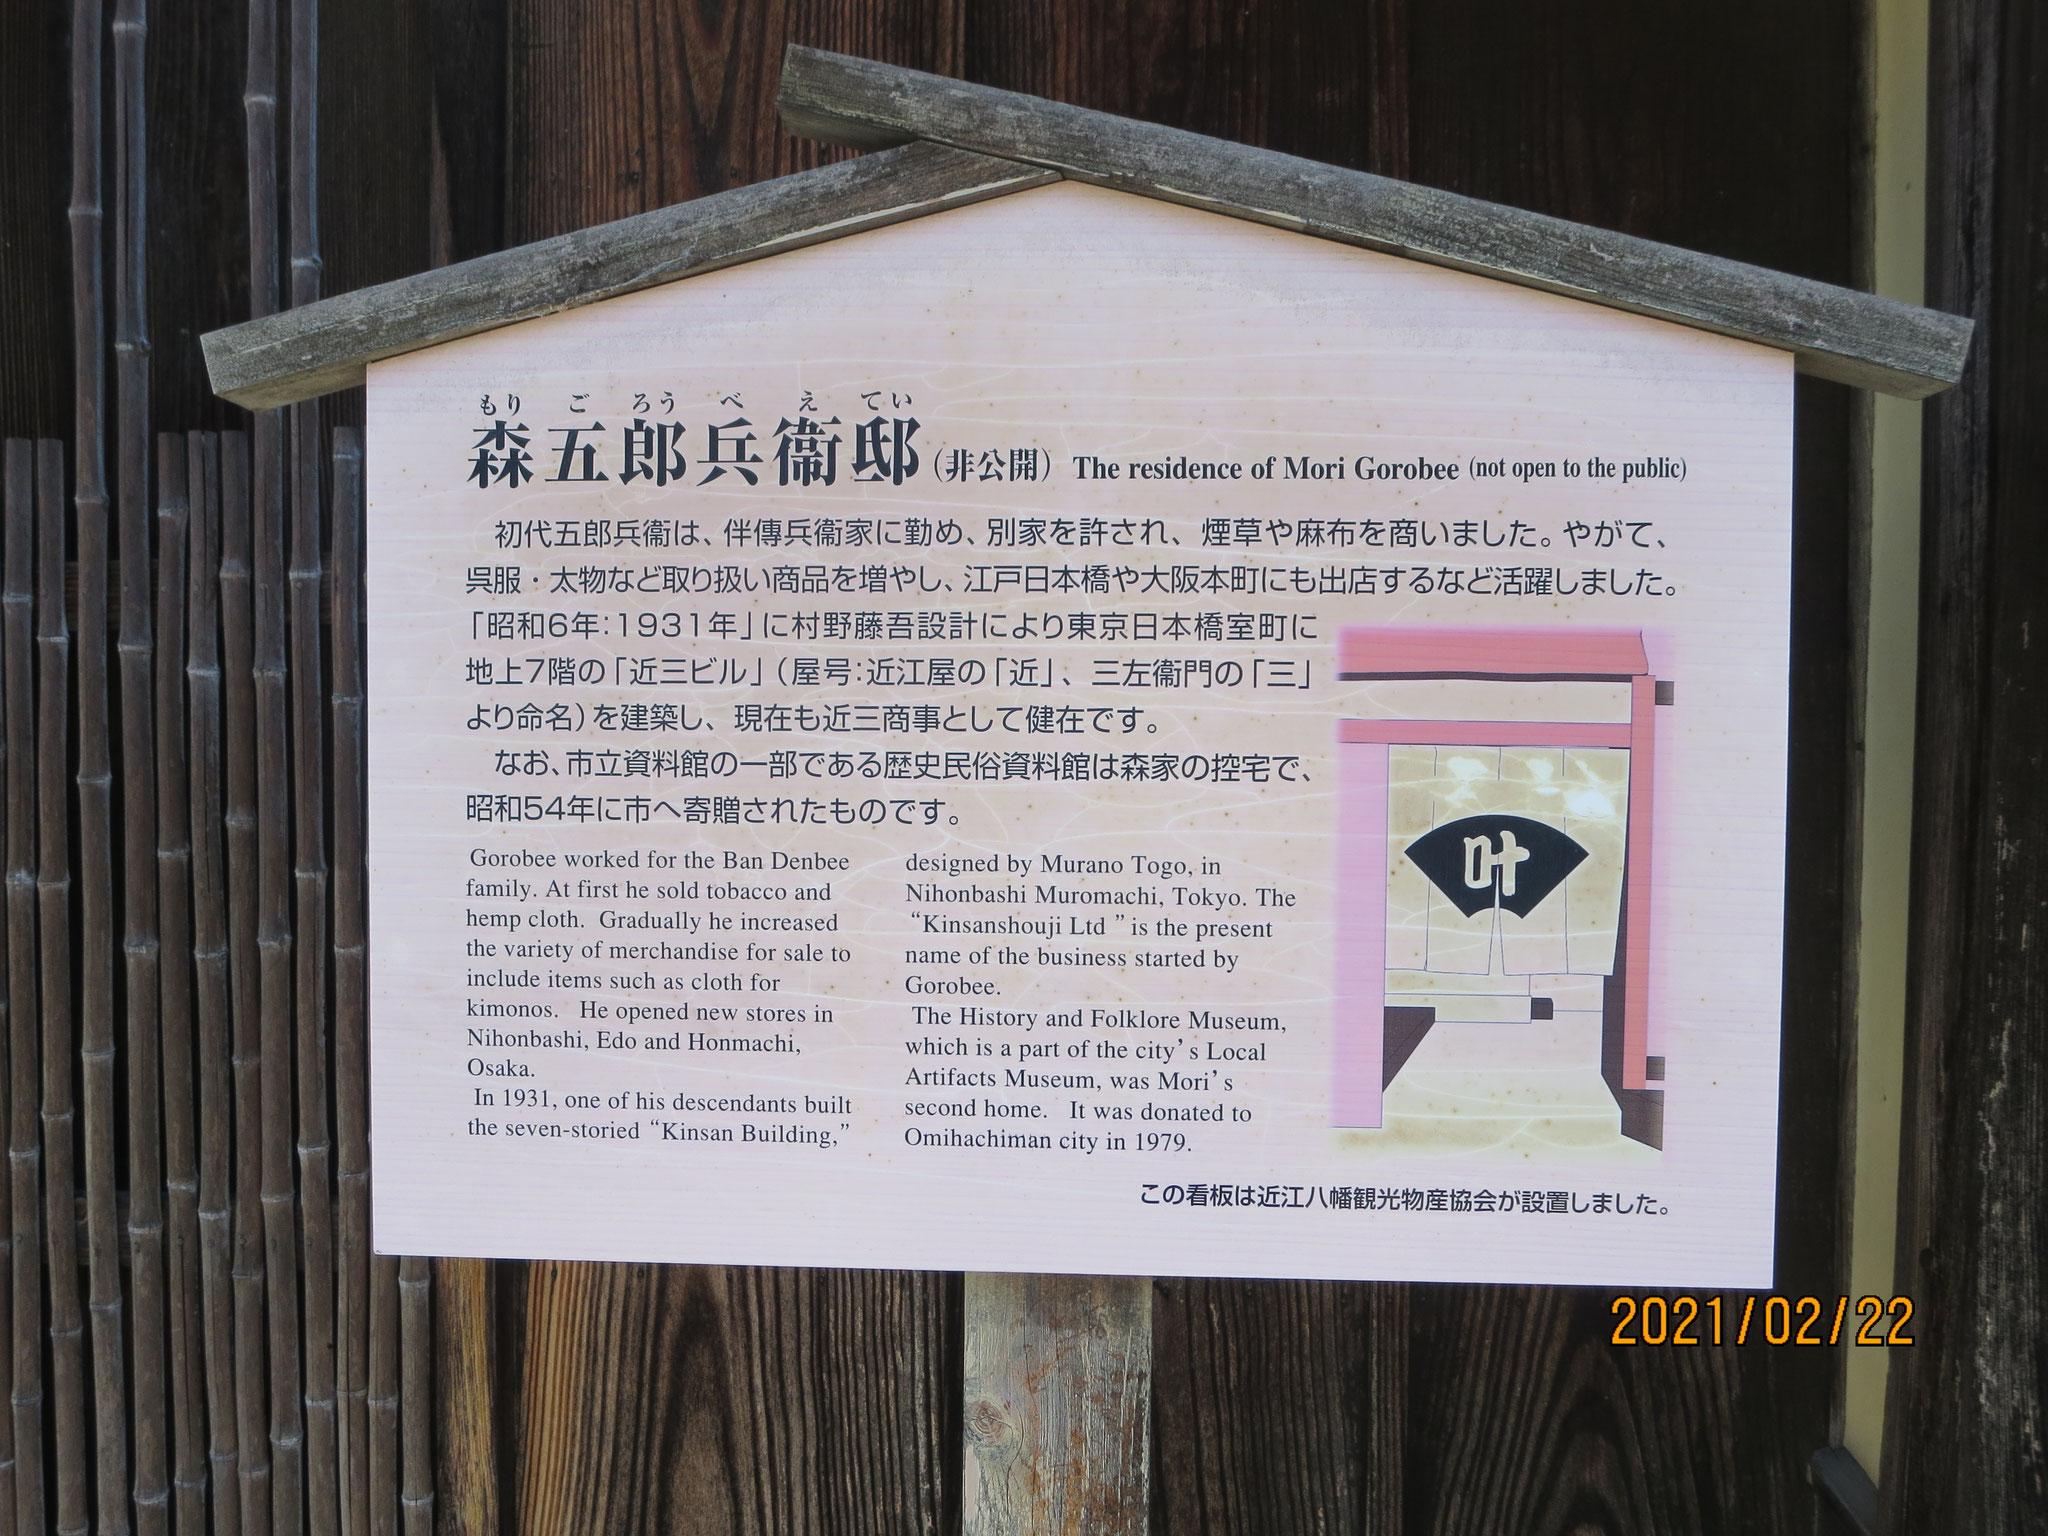 森五郎兵衞(もり ごろうべえ) 江戸中期の近江商人